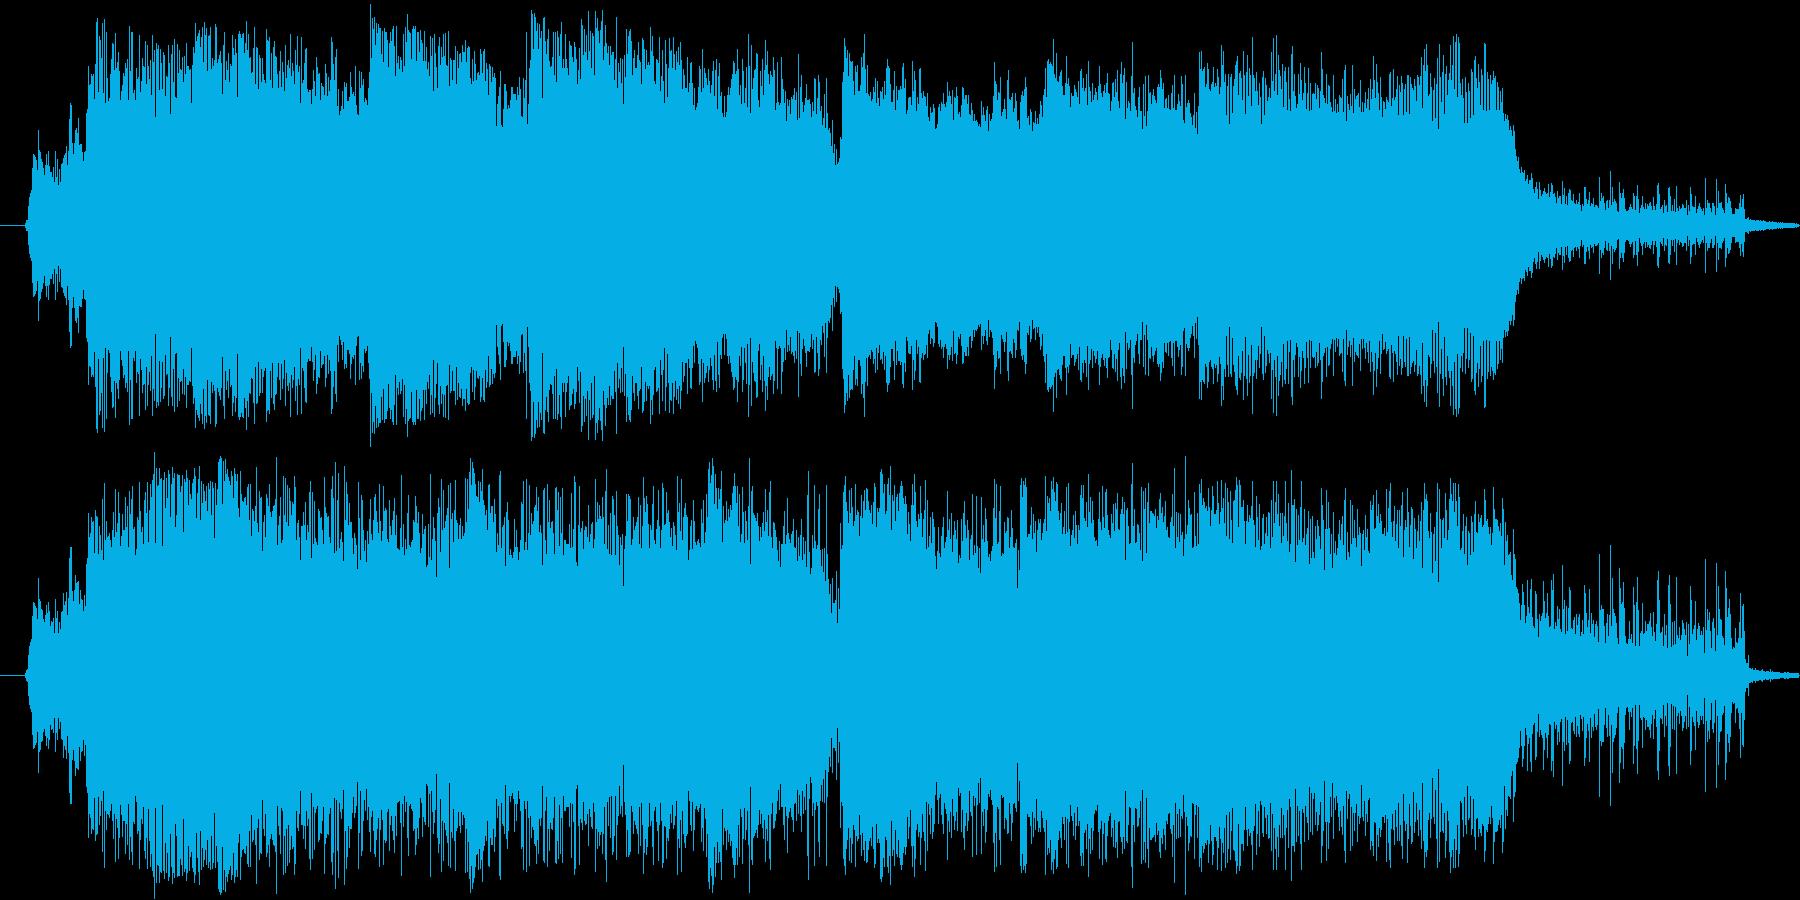 おめでとう!室内楽オケによる祝福の効果音の再生済みの波形